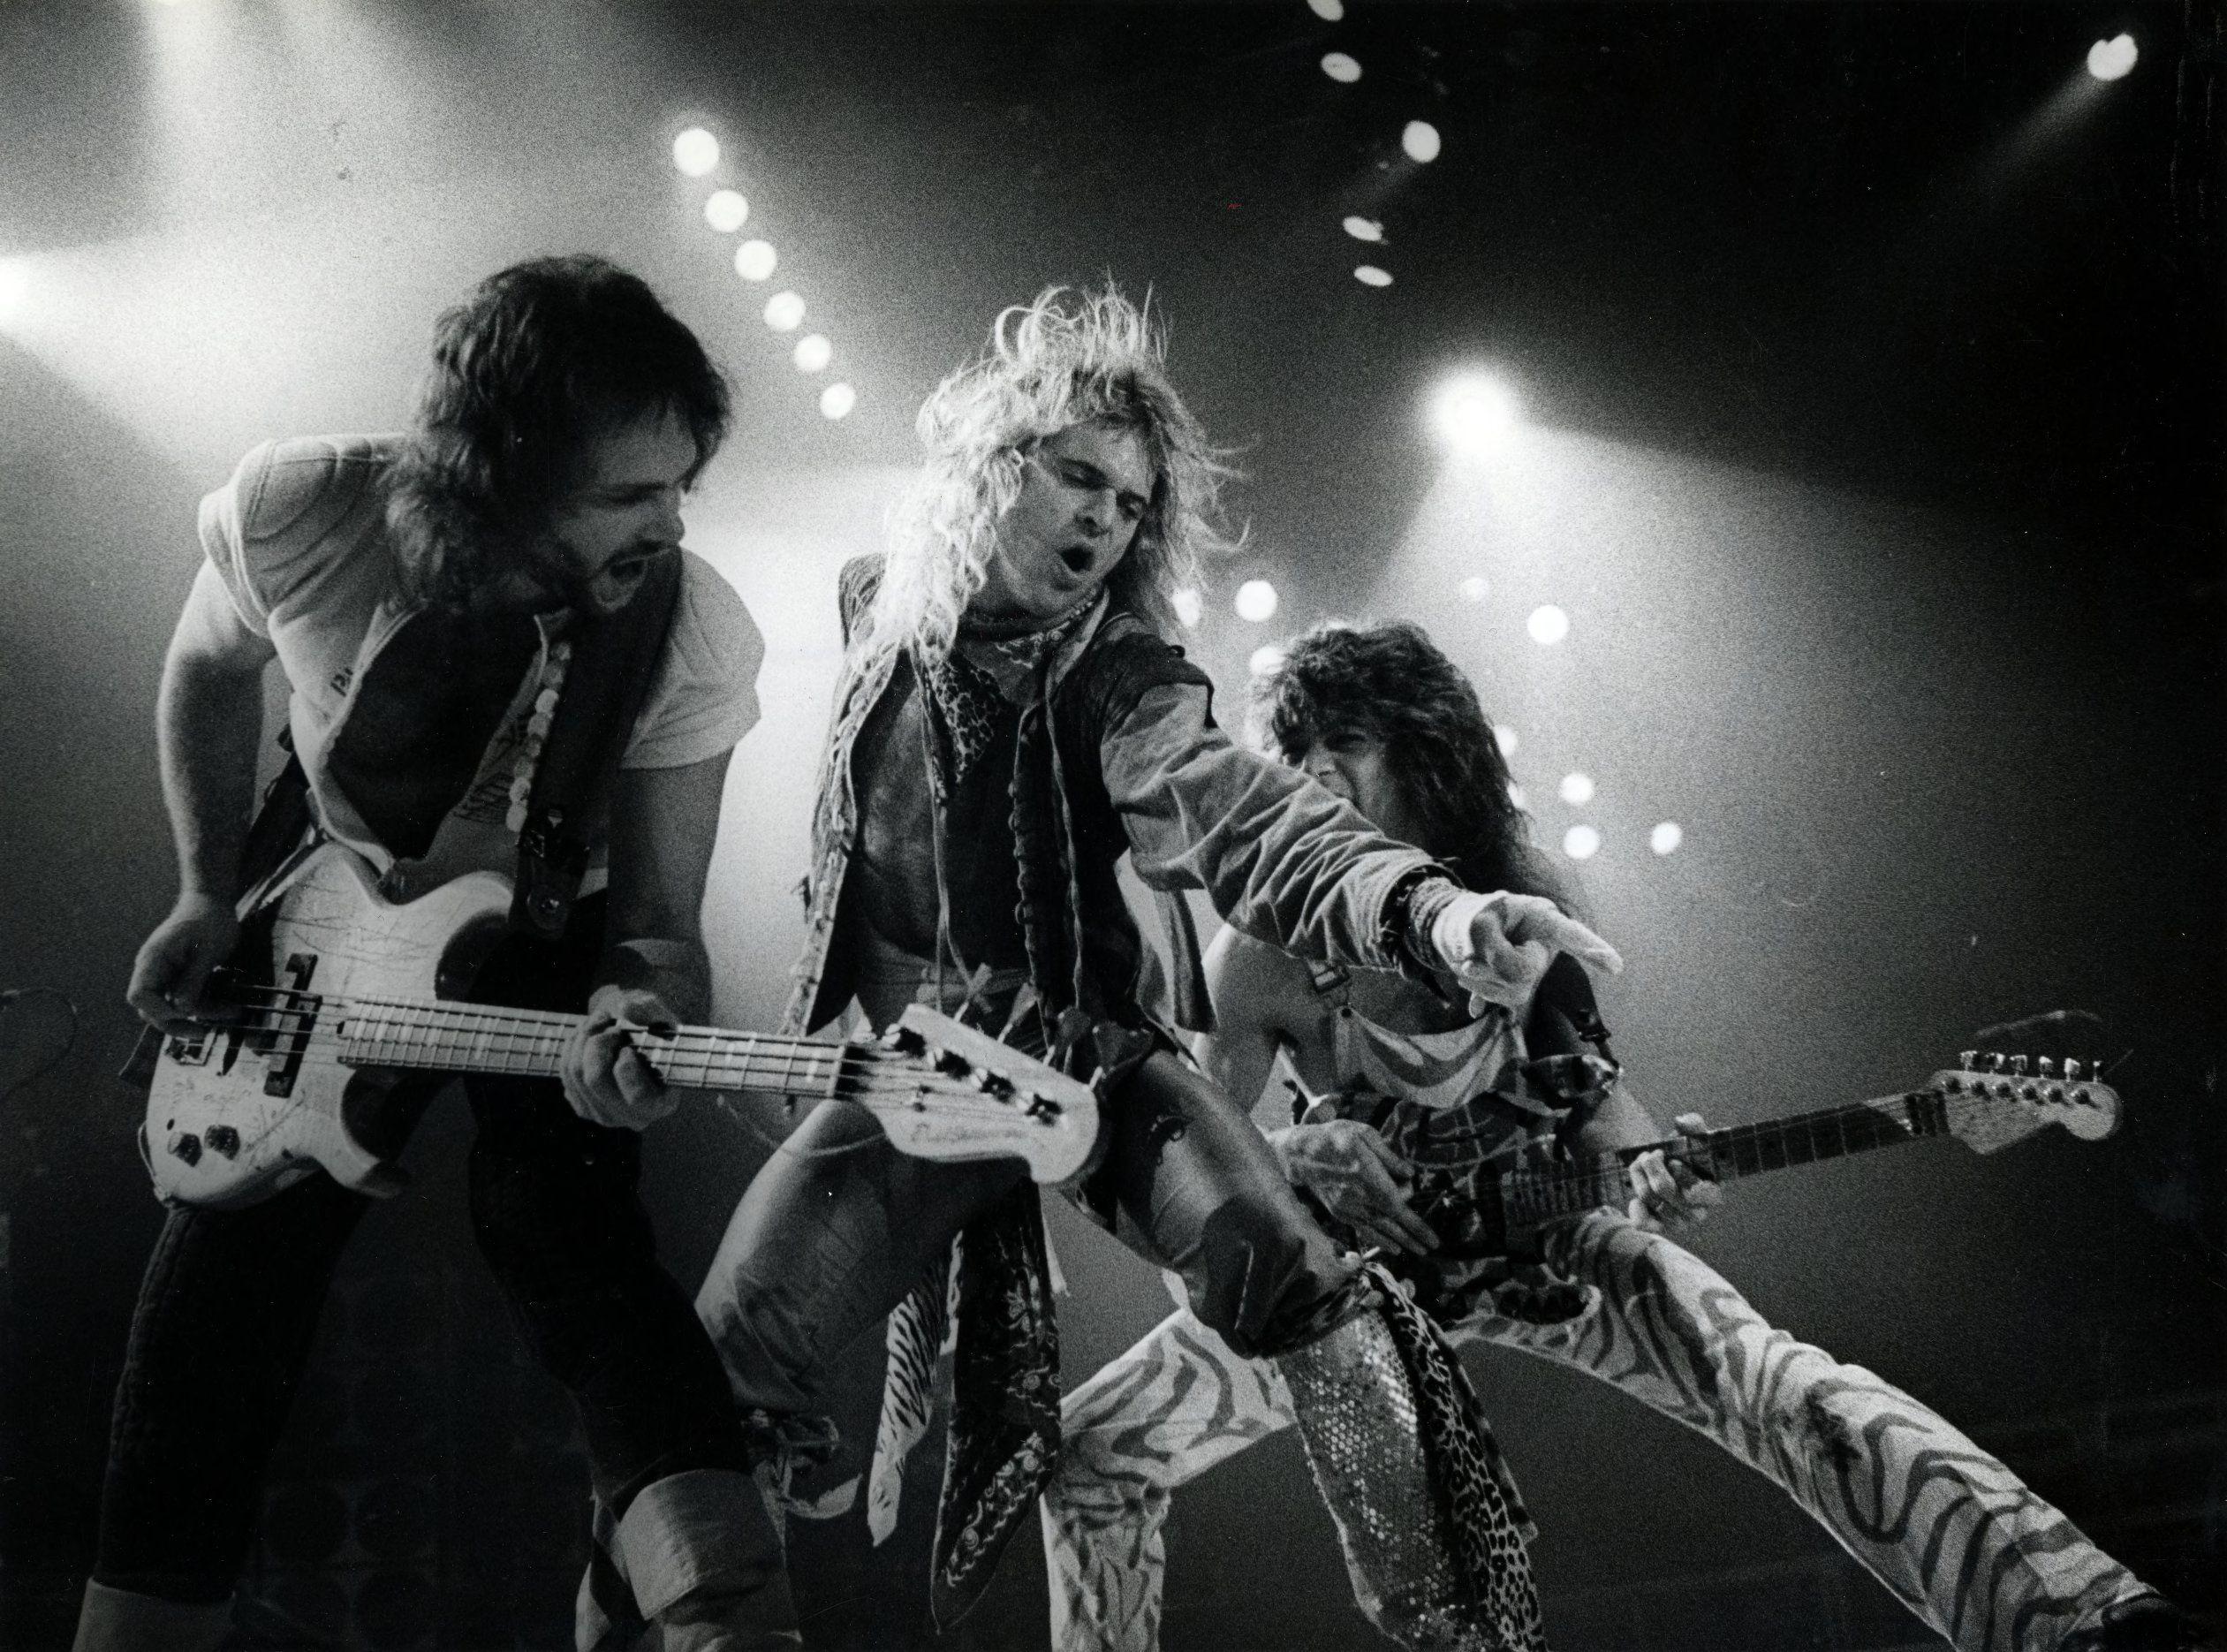 Just Came Back From This Crazy Van Halen Concert I Love Hard Rock So Much Because It Is So Trendy Right Now With Images Van Halen Van Halen Concert Eddie Van